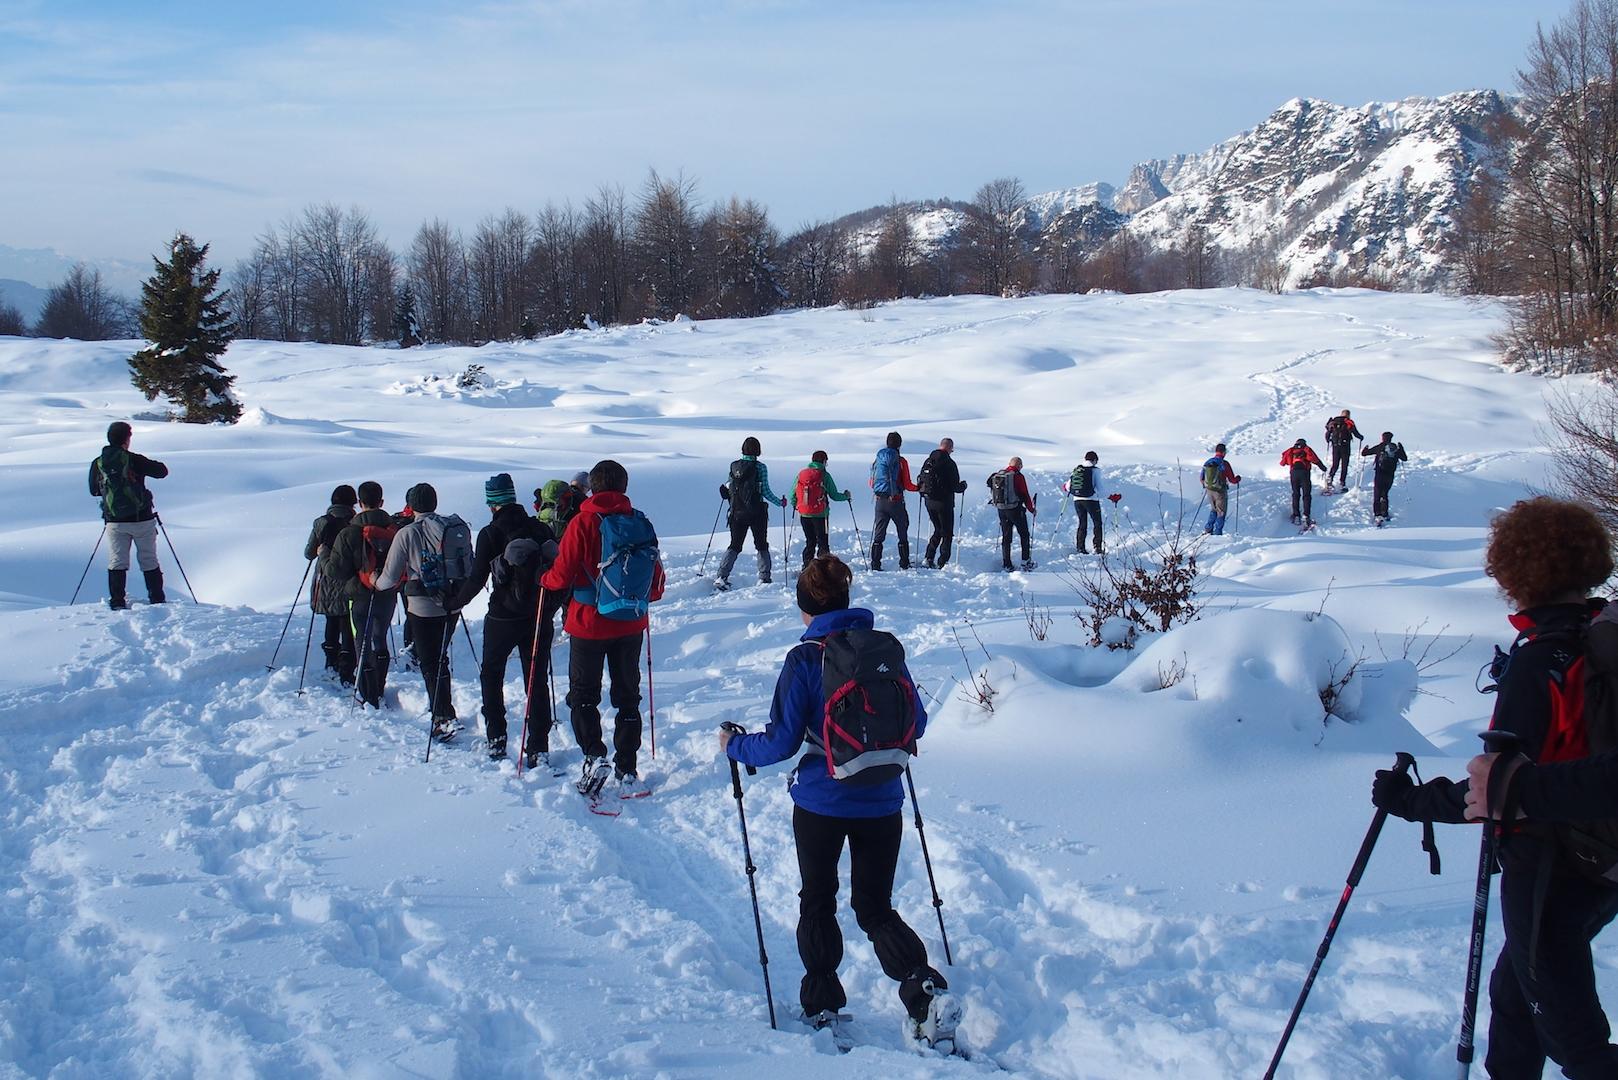 Mercoledì 21 novembre – Presentazione 7º Corso di Escursionismo in Ambiente Innevato